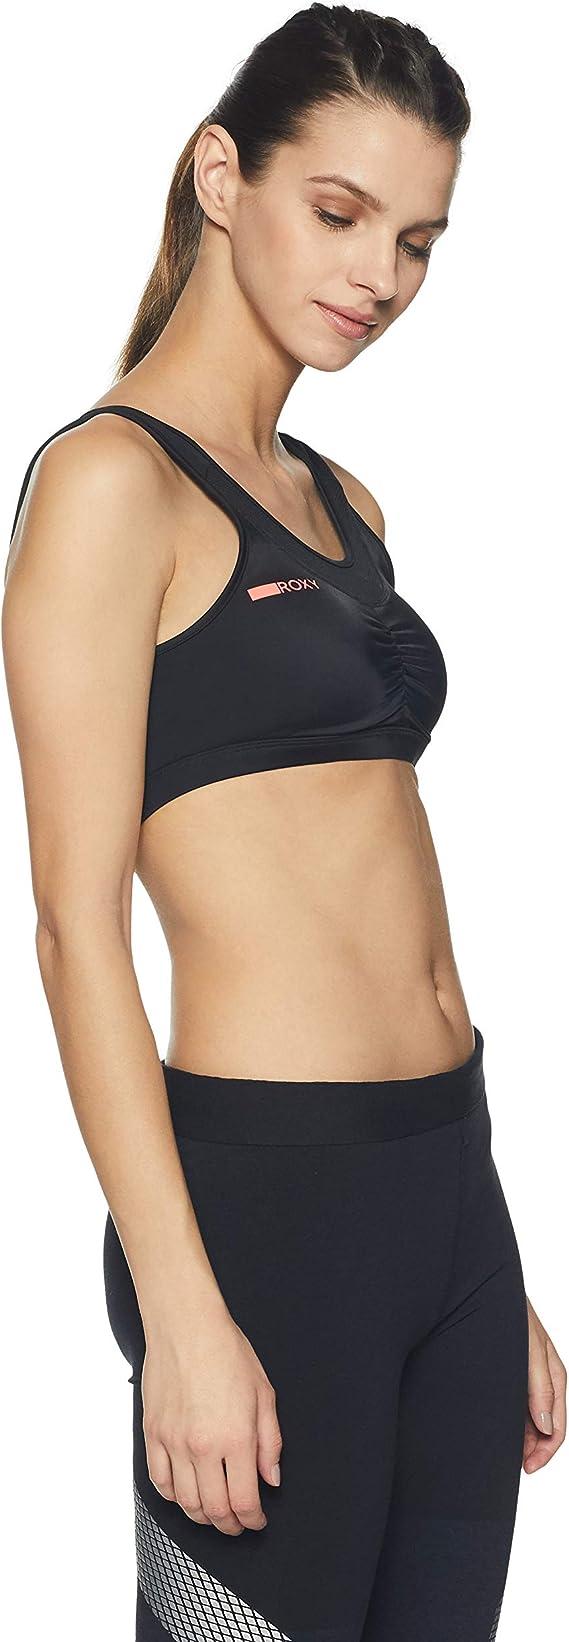 Roxy Lemonee Sujetador Deportivo Mujer